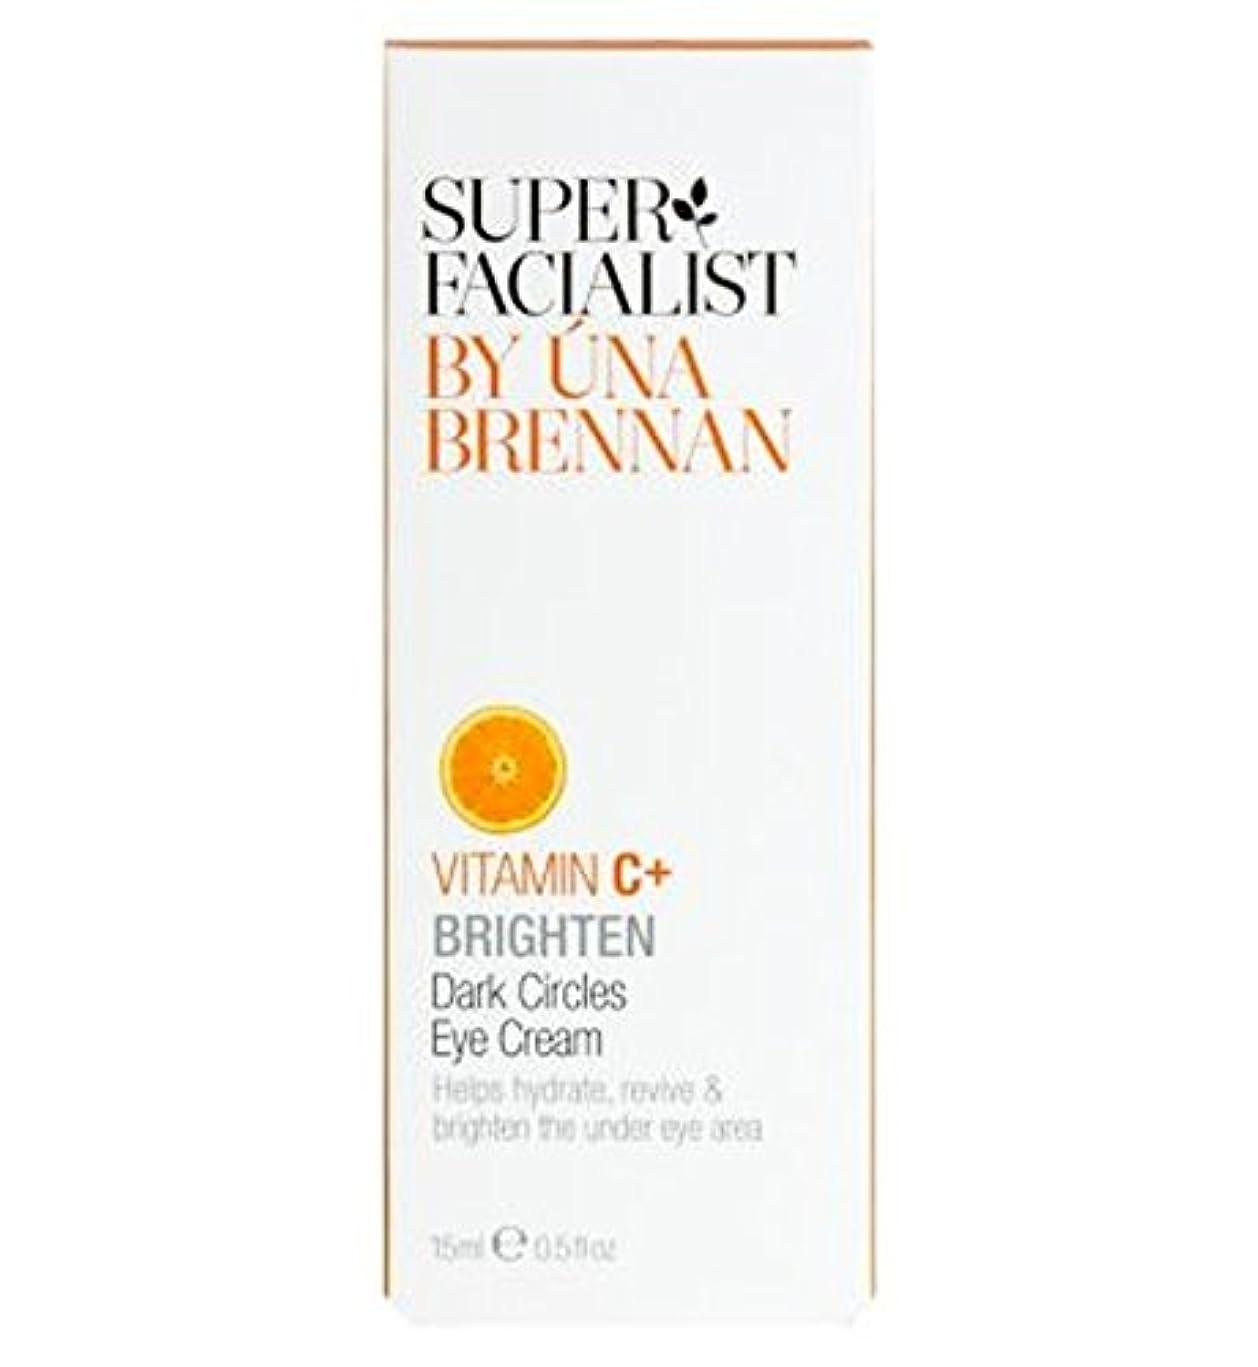 ビルマ証拠伝統SuperfacialistビタミンC +くまアイクリーム15ミリリットル (Superfacialist) (x2) - Superfacialist Vitamin C+ Dark Circles Eye Cream...